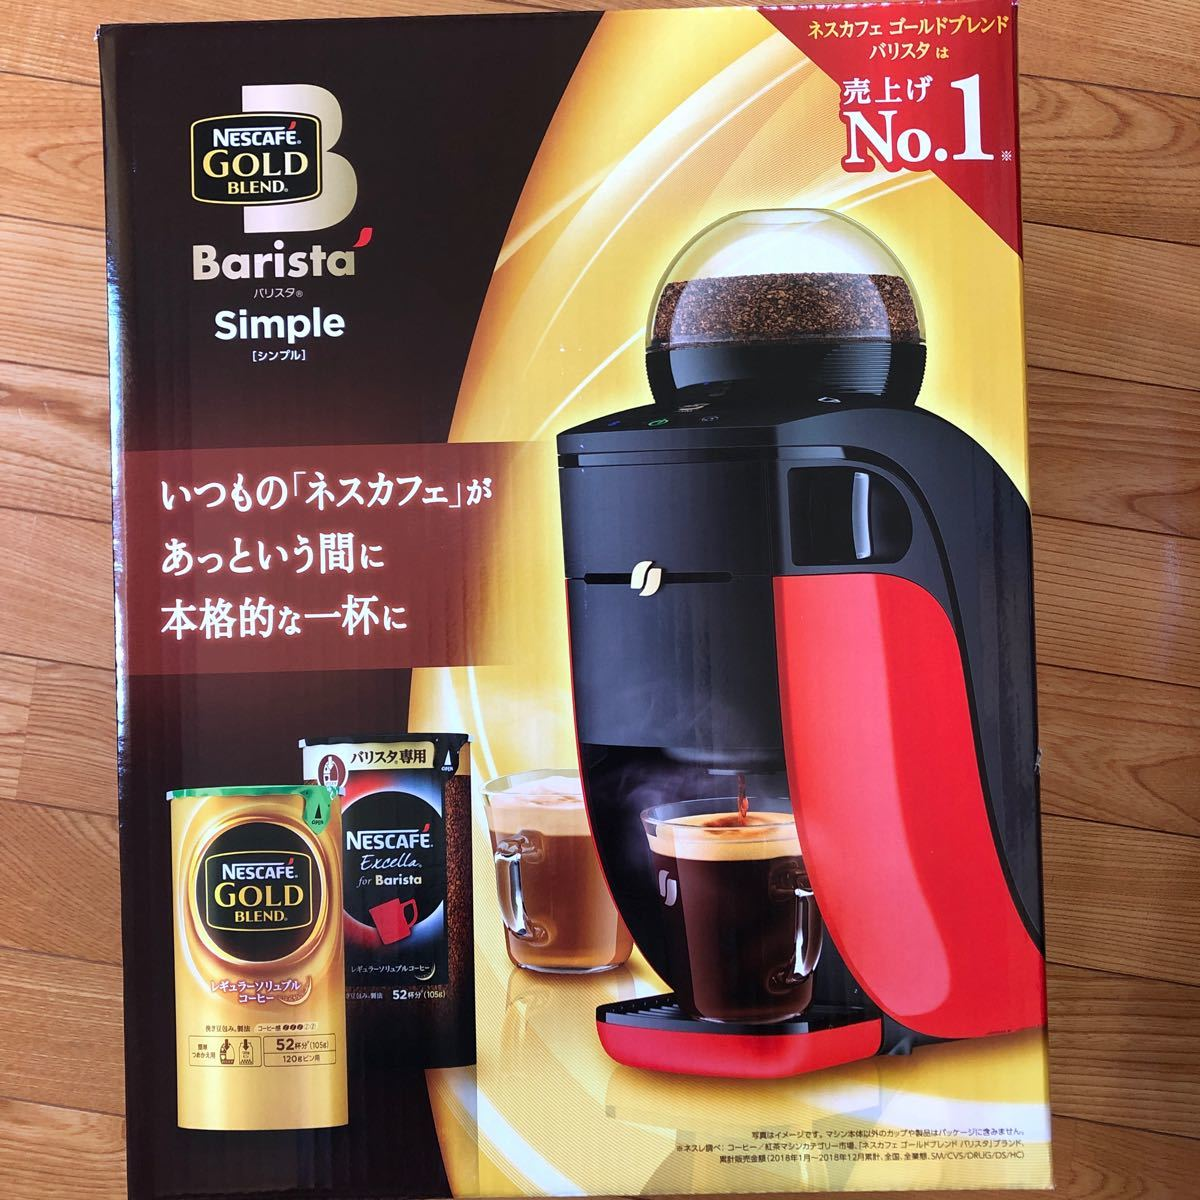 ネスカフェ ゴールドブレンド バリスタ シンプル HPM9636-PR (プレミアムレッド)